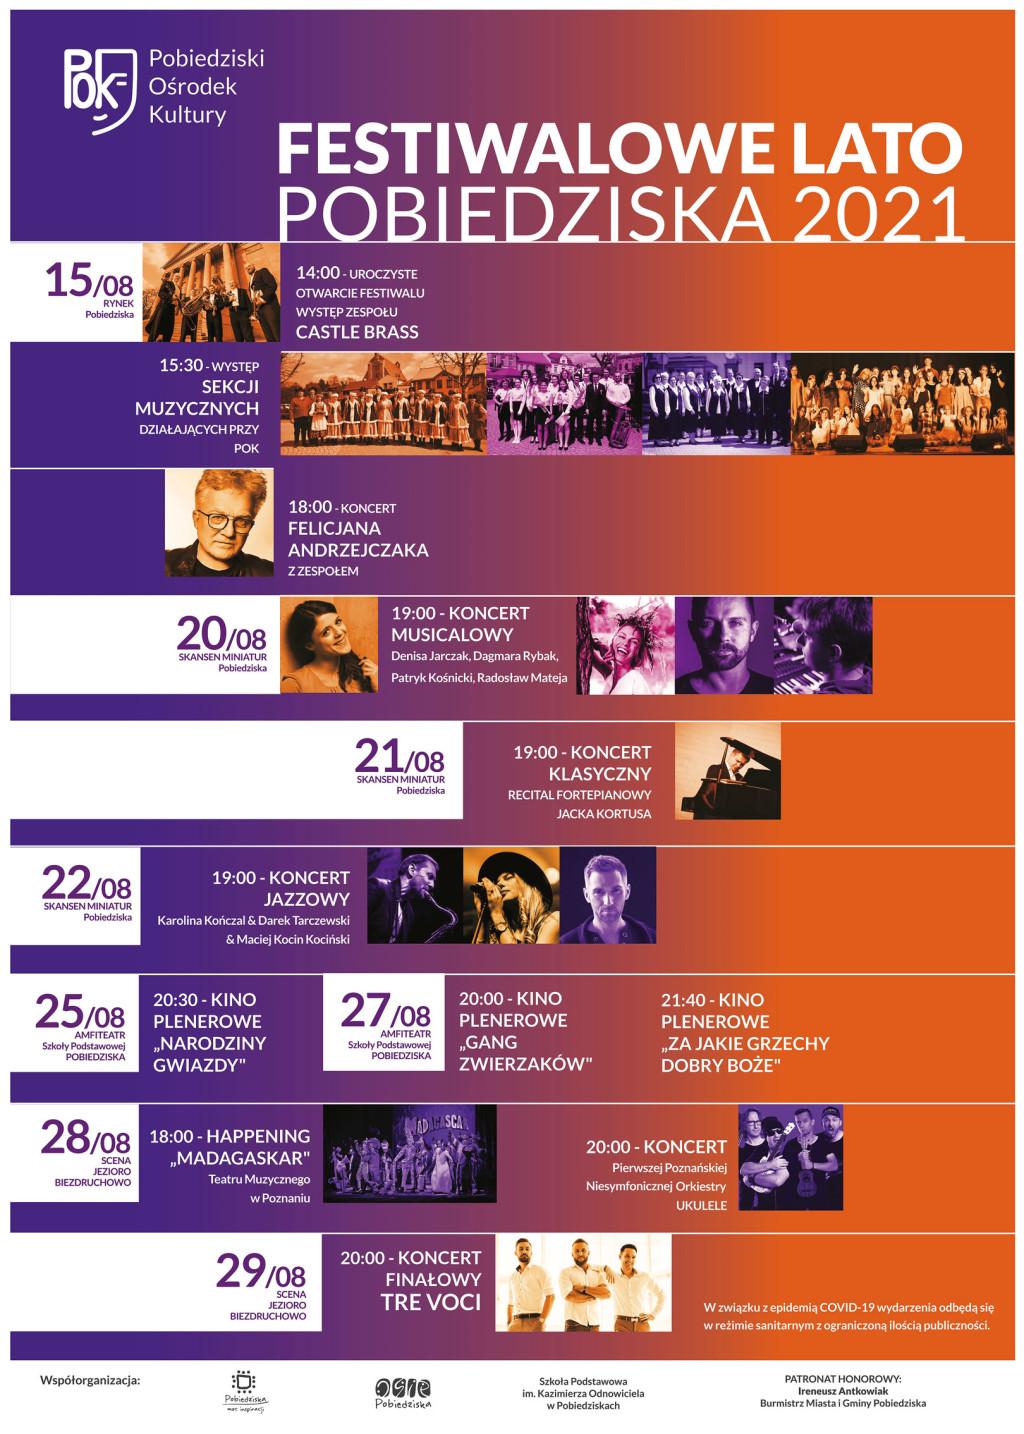 Festiwalowe Lato Pobiedziska 2021 afisz